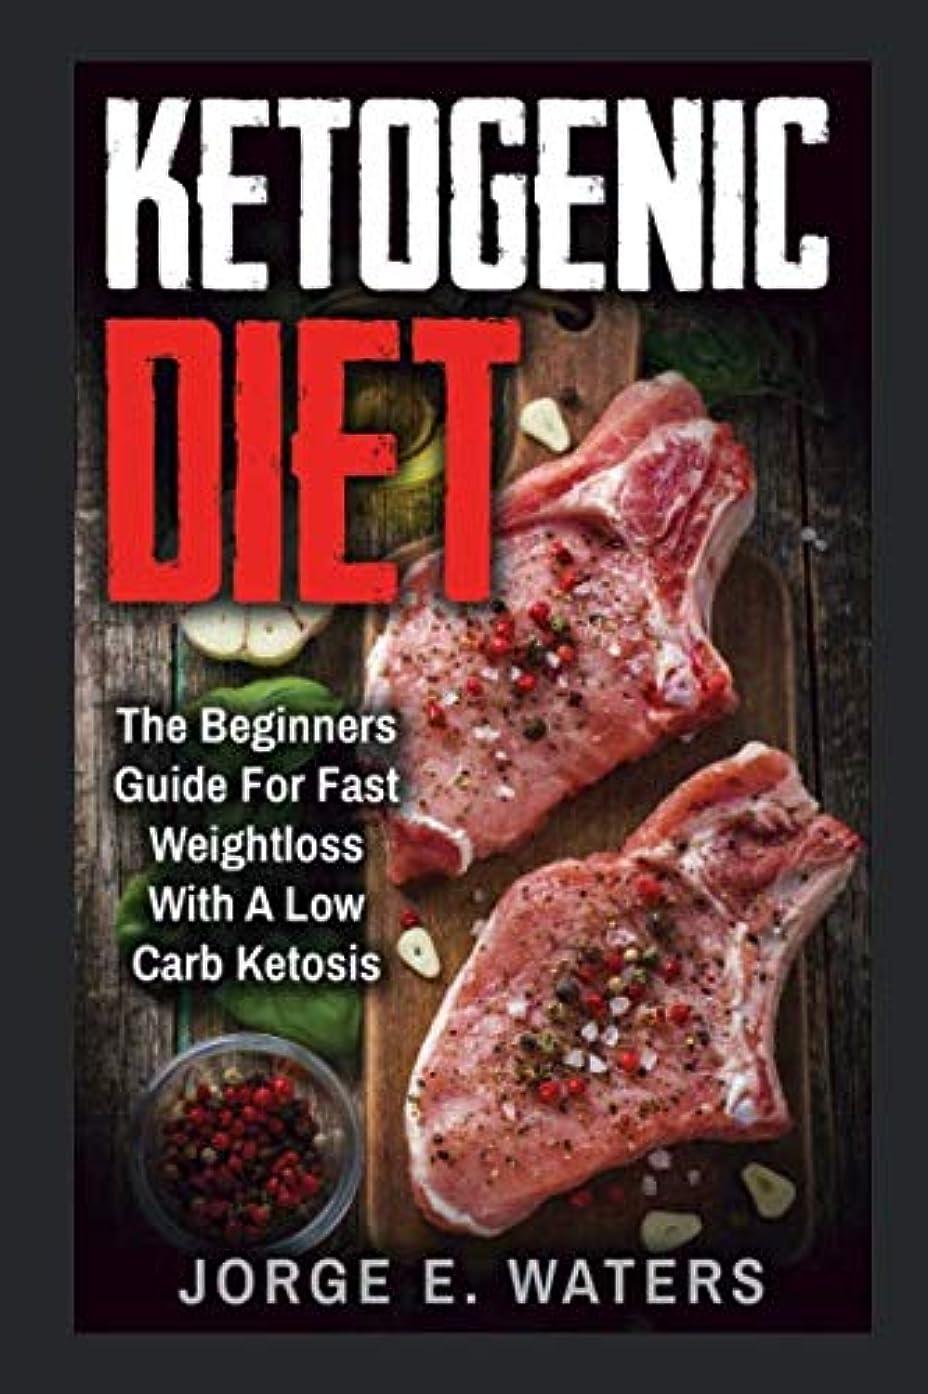 電化する存在検索エンジン最適化Ketogenic Diet: The Beginners Guide For Fast and Easy Weightloss With Low Carb Ketosis